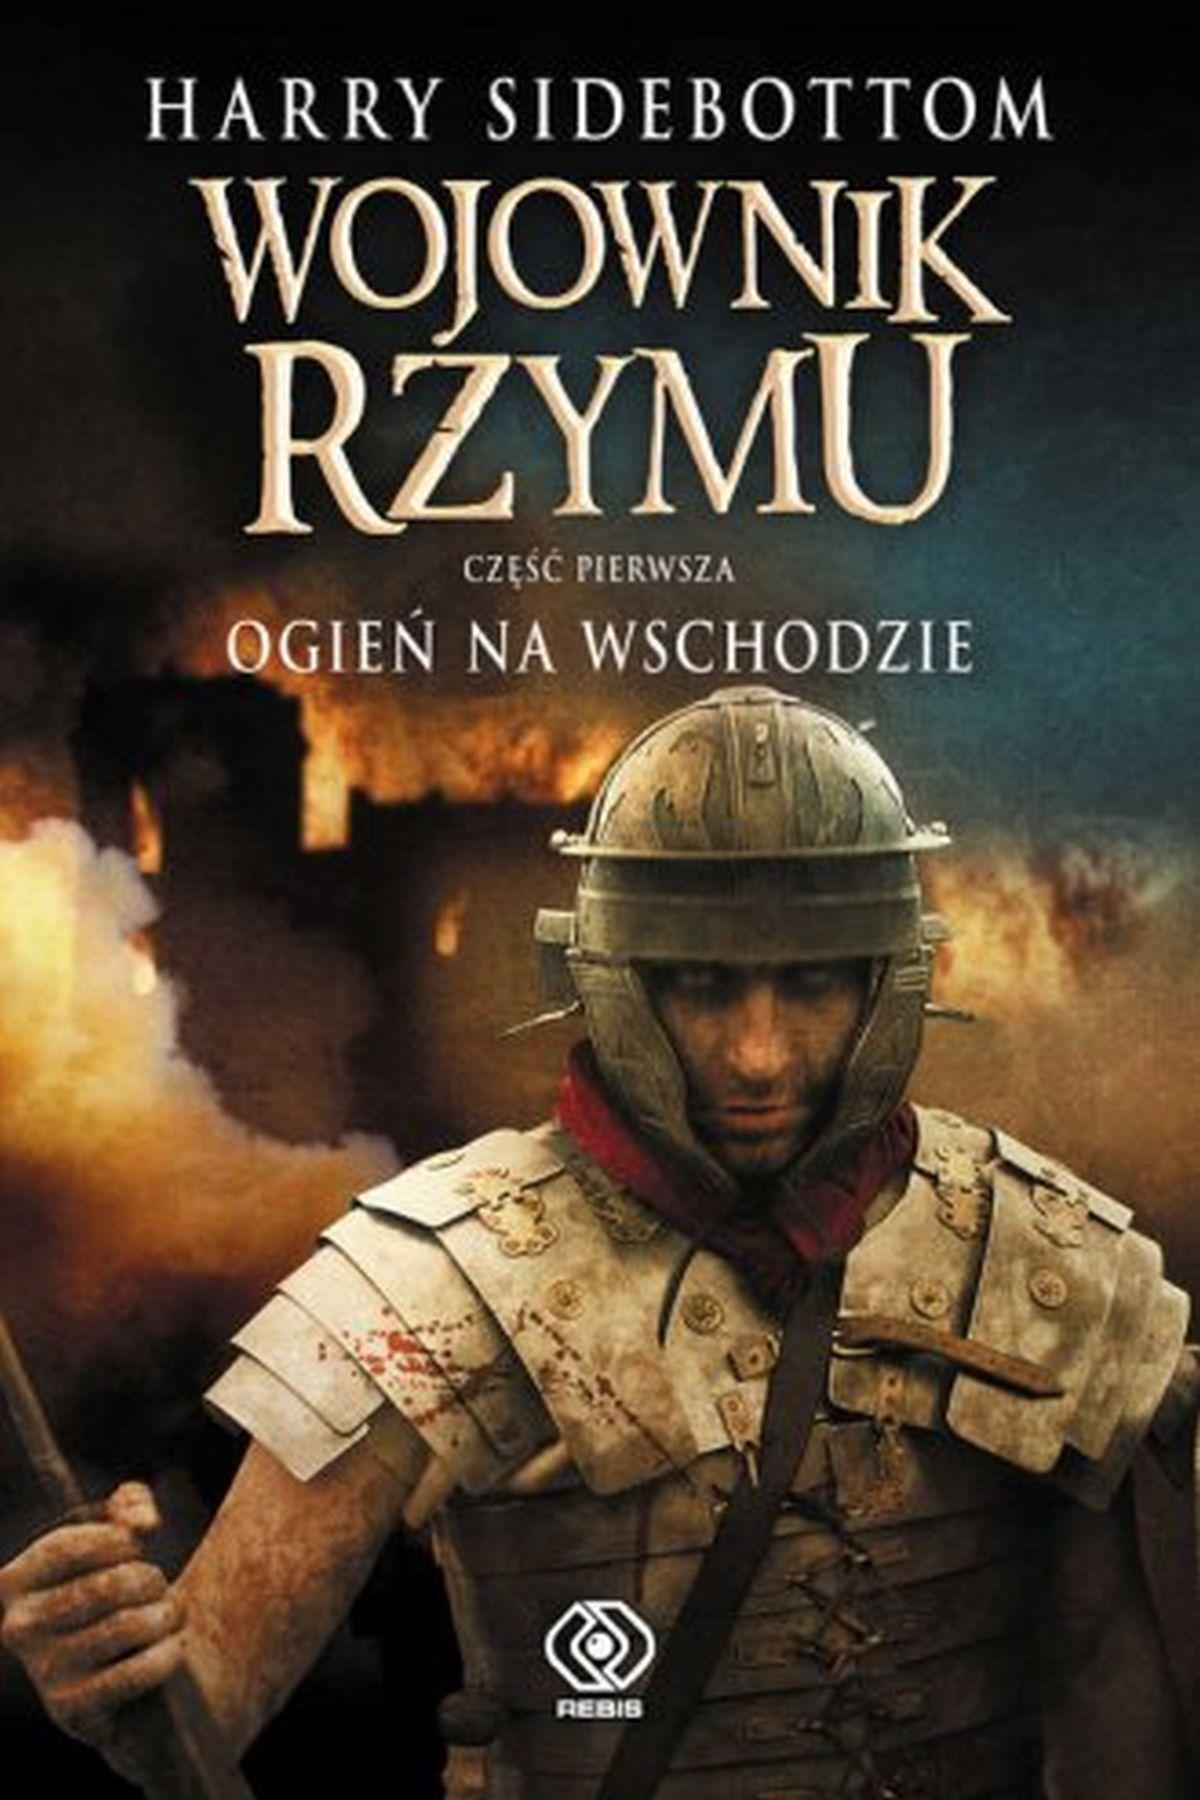 Wojownik Rzymu cz. 1. Ogień na wschodzie